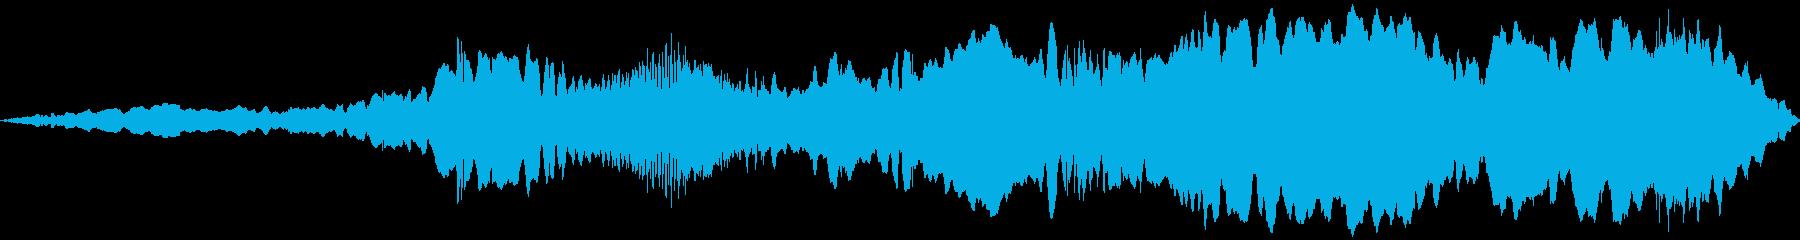 シンセビルディングドローン:さまざ...の再生済みの波形